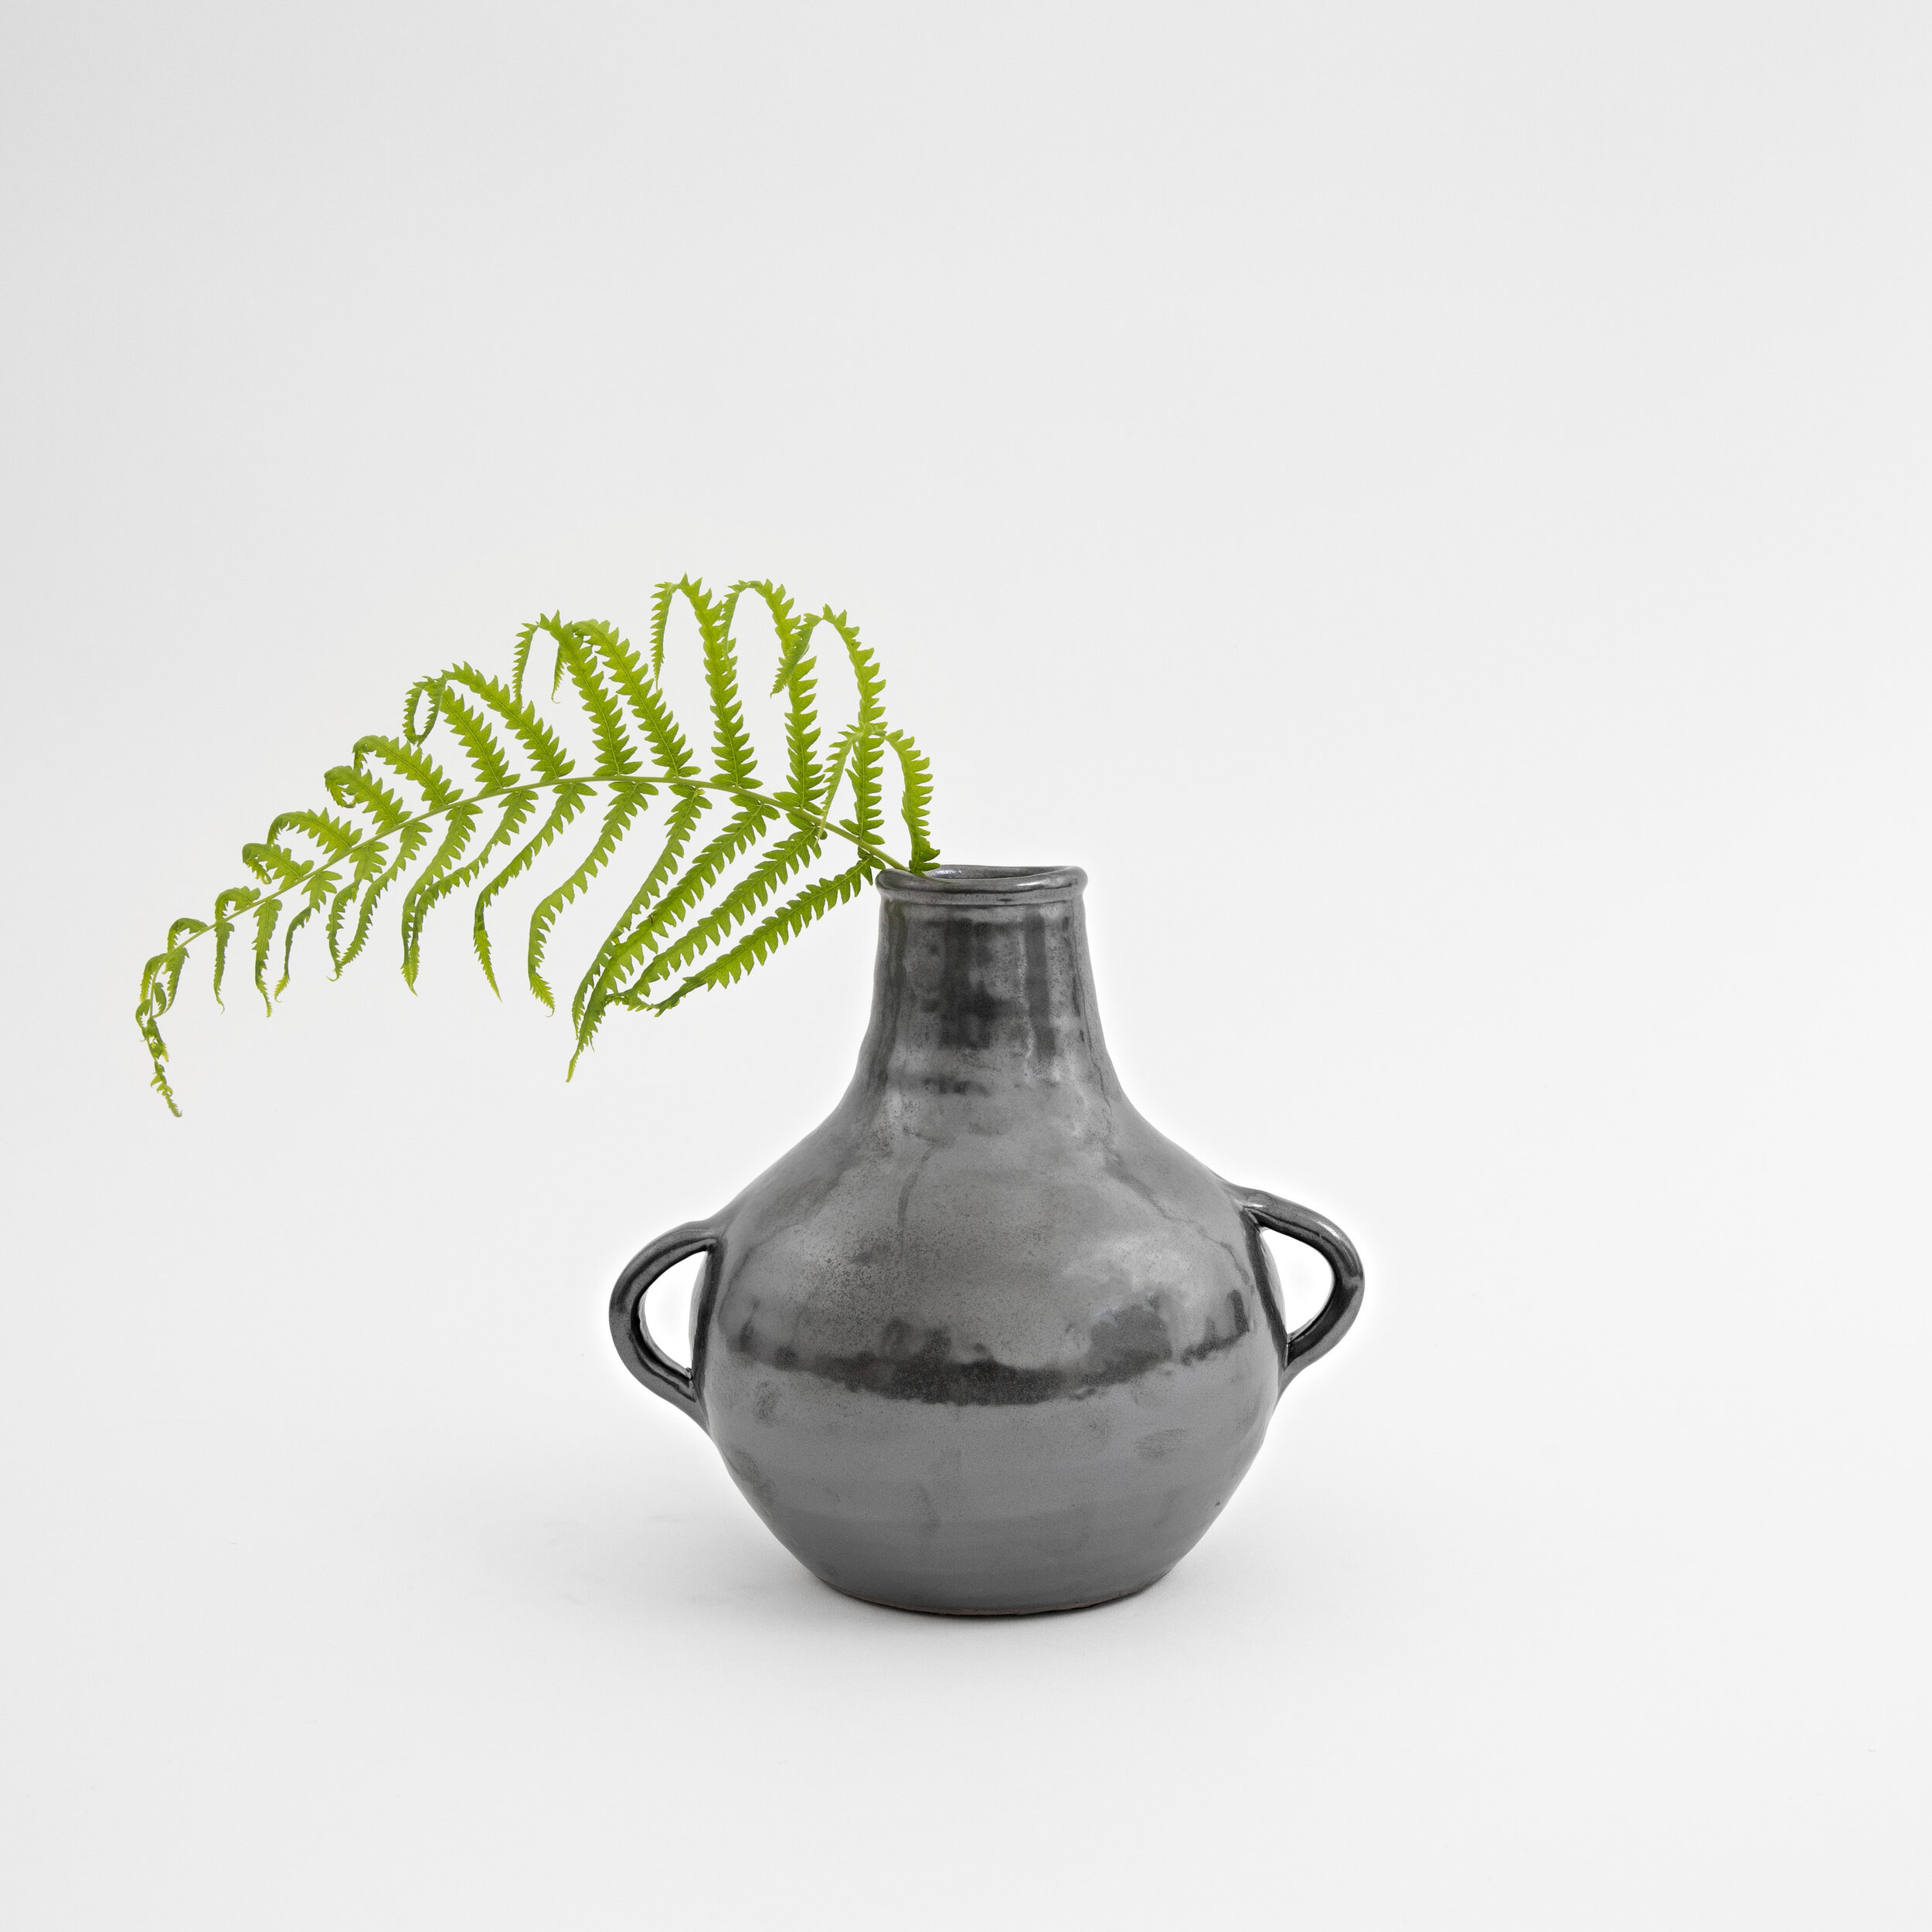 polished-gunmetal-terracotta-jug-vase-handle-shop-mayker-nashville-home-gift-design-02.jpg